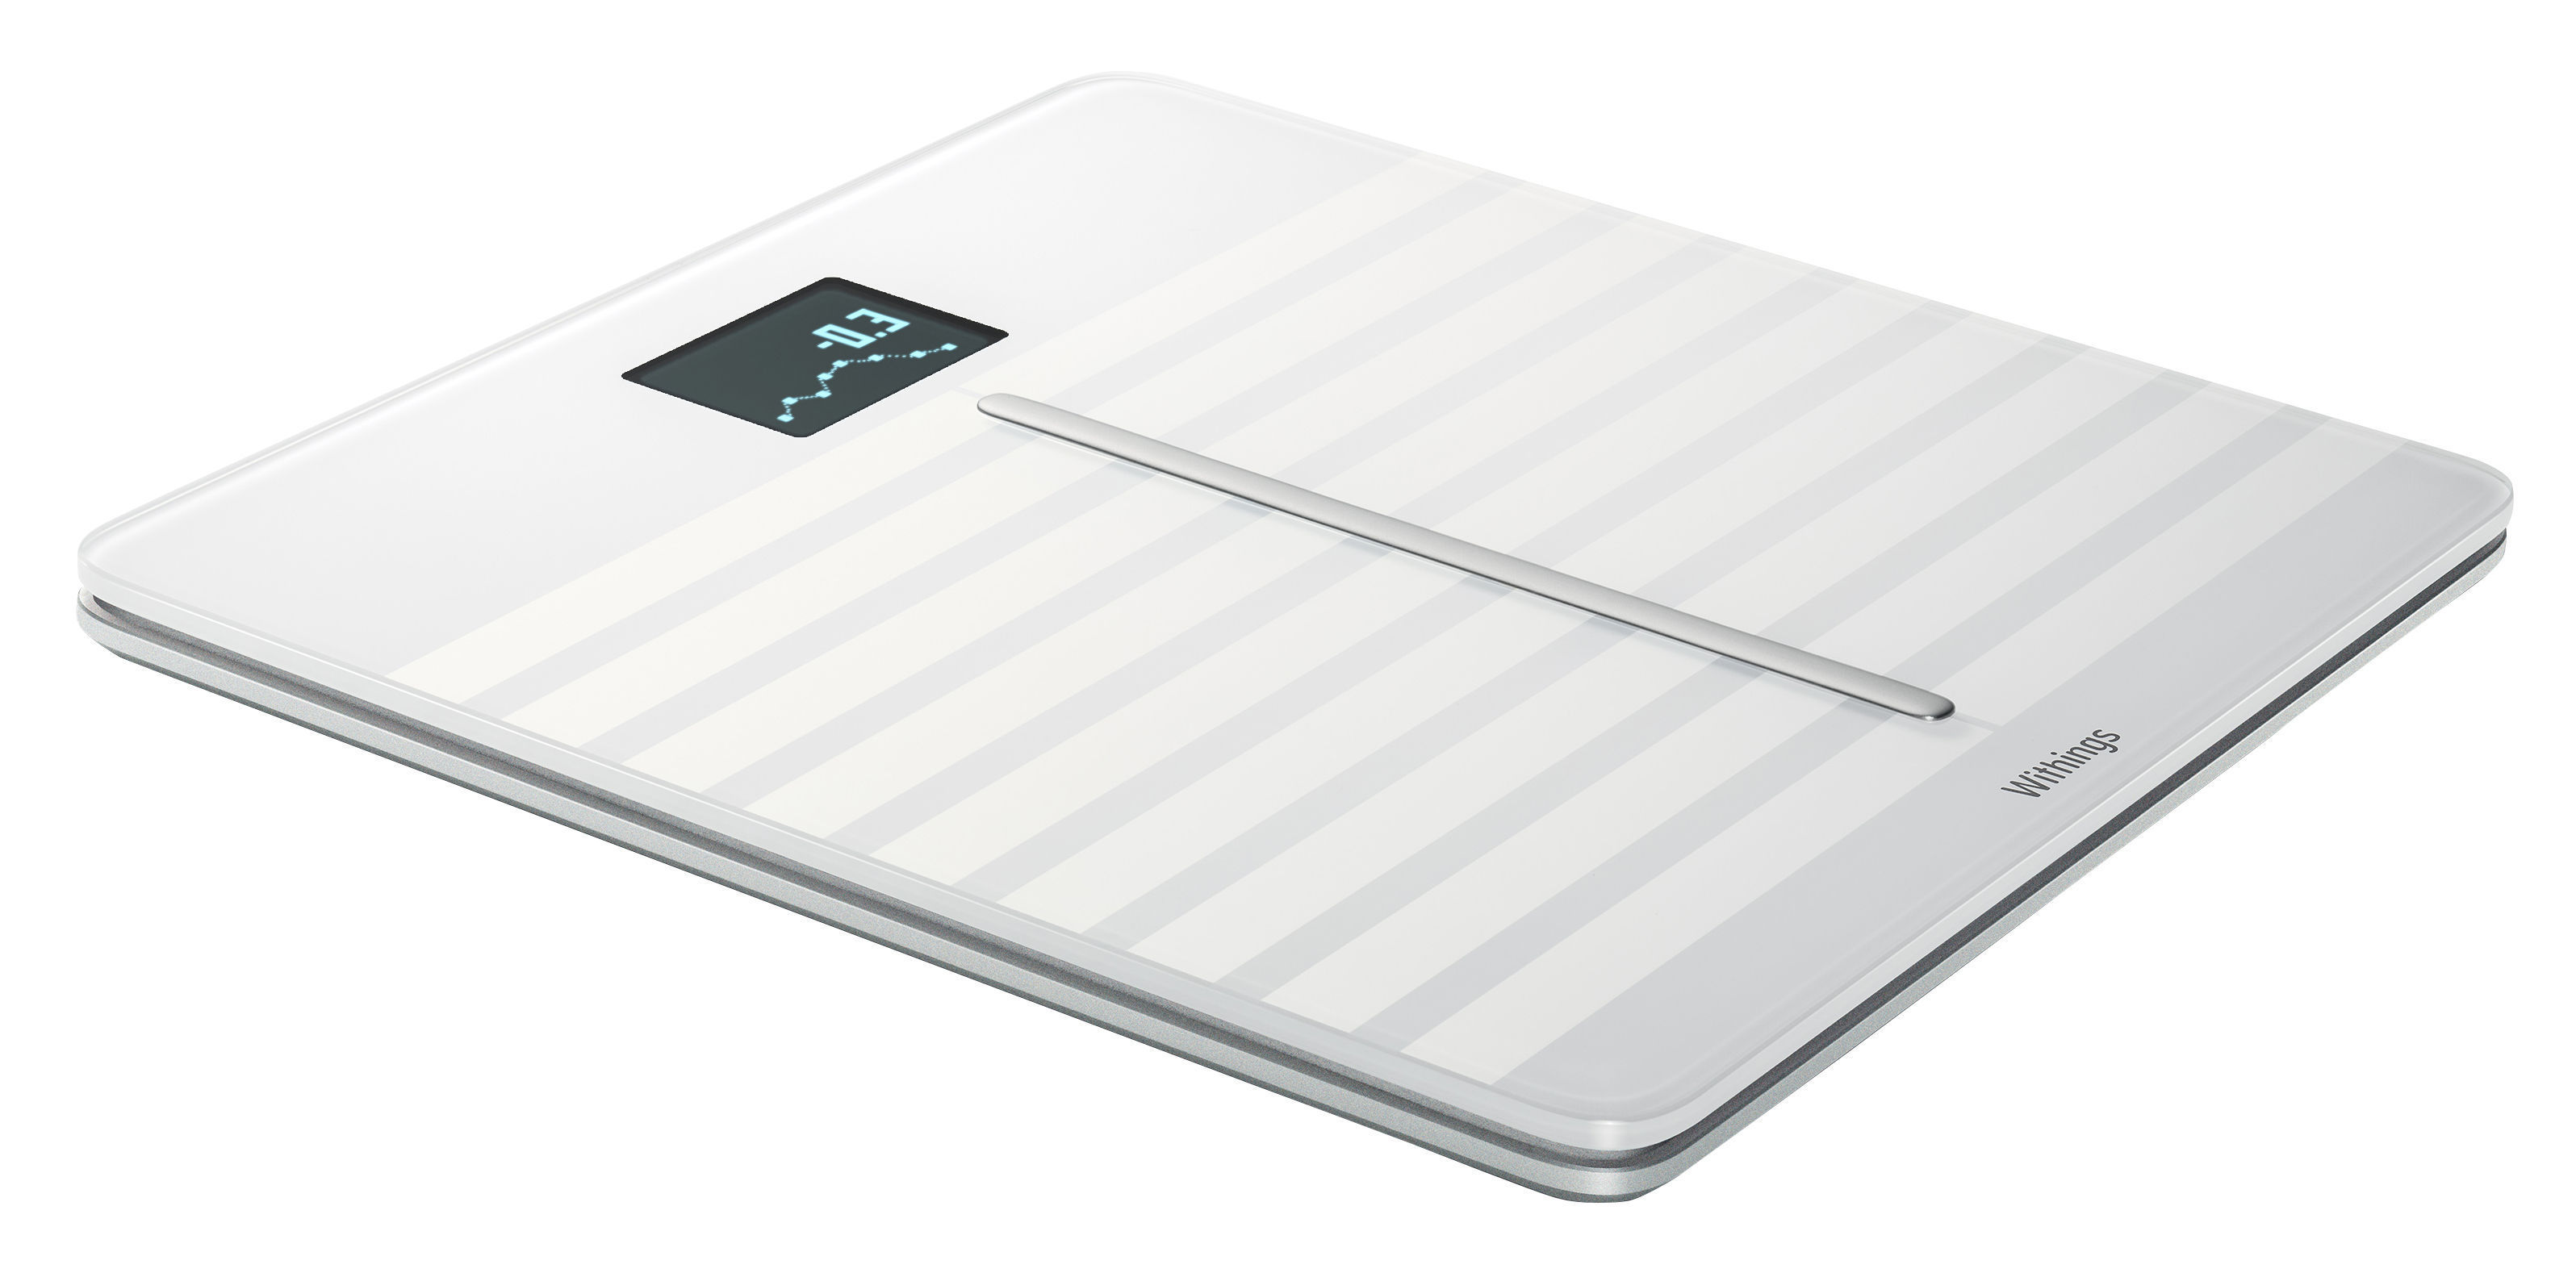 Accessoires - Accessoires salle de bains - Balance connectée Body Cardio / Suivi cardio-vasculaire - Nokia - Blanc - Aluminium, Verre trempé